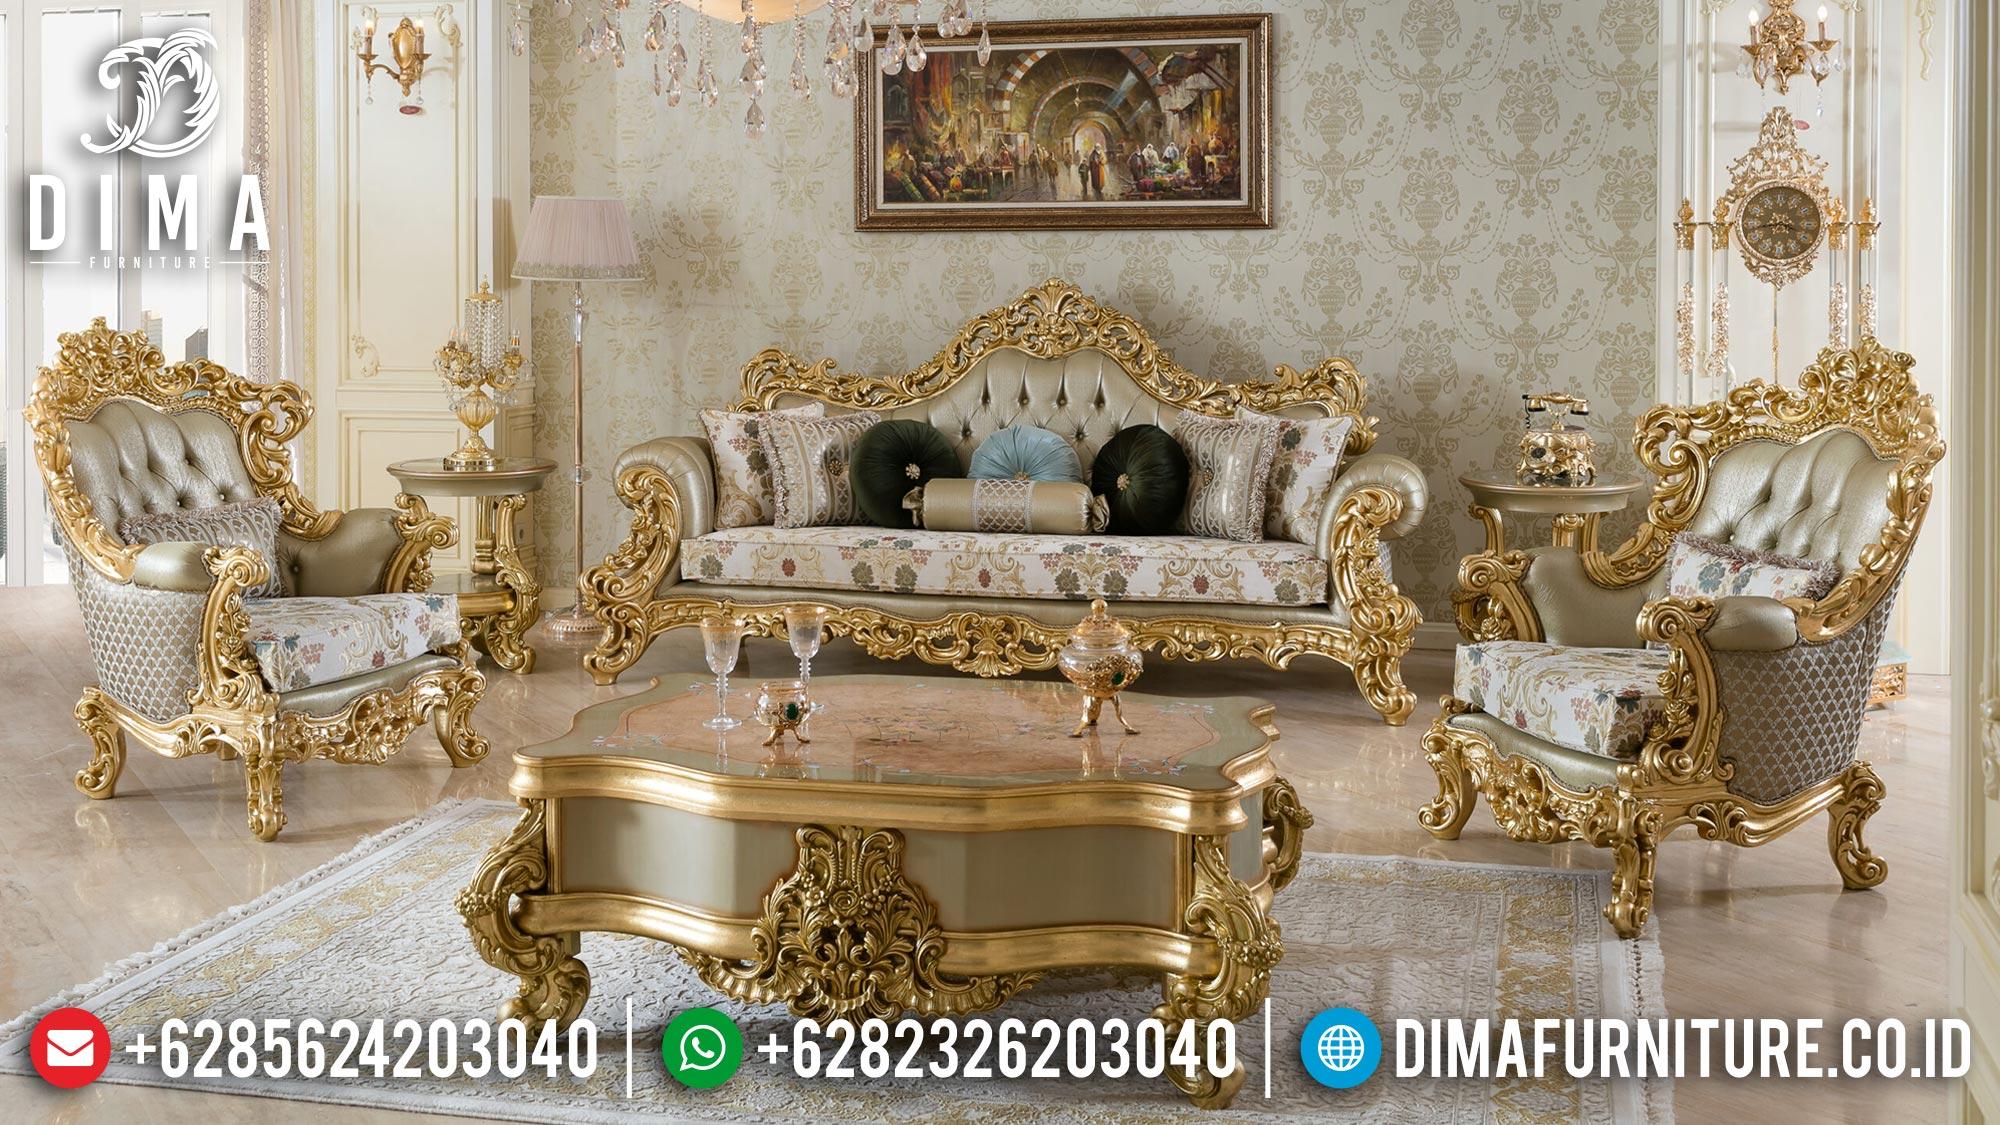 Jual Sofa Tamu Mewah Ukir Luxury Carving Palace Style Mebel Jepara Mm-0954